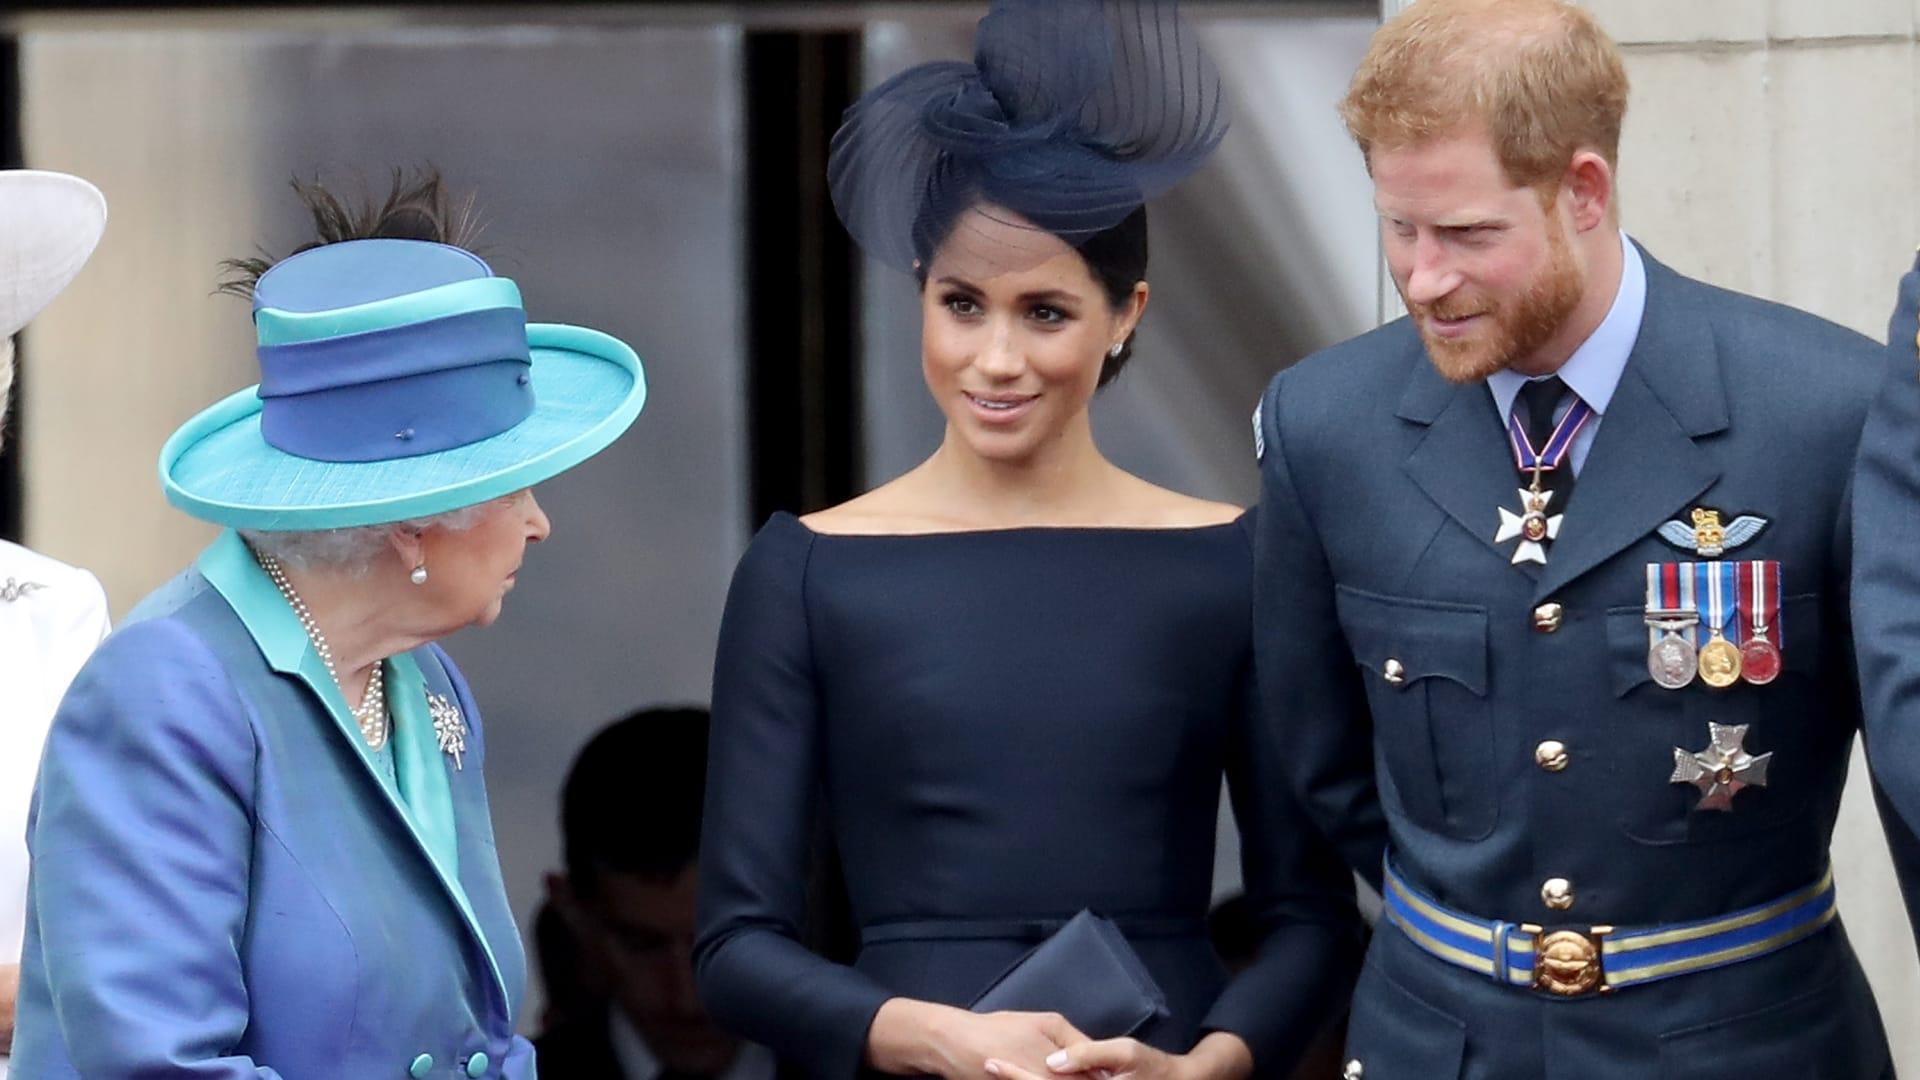 هاري وميغان يتحدثا عن علاقتهما المثيرة للجدل مع العائلة الملكية